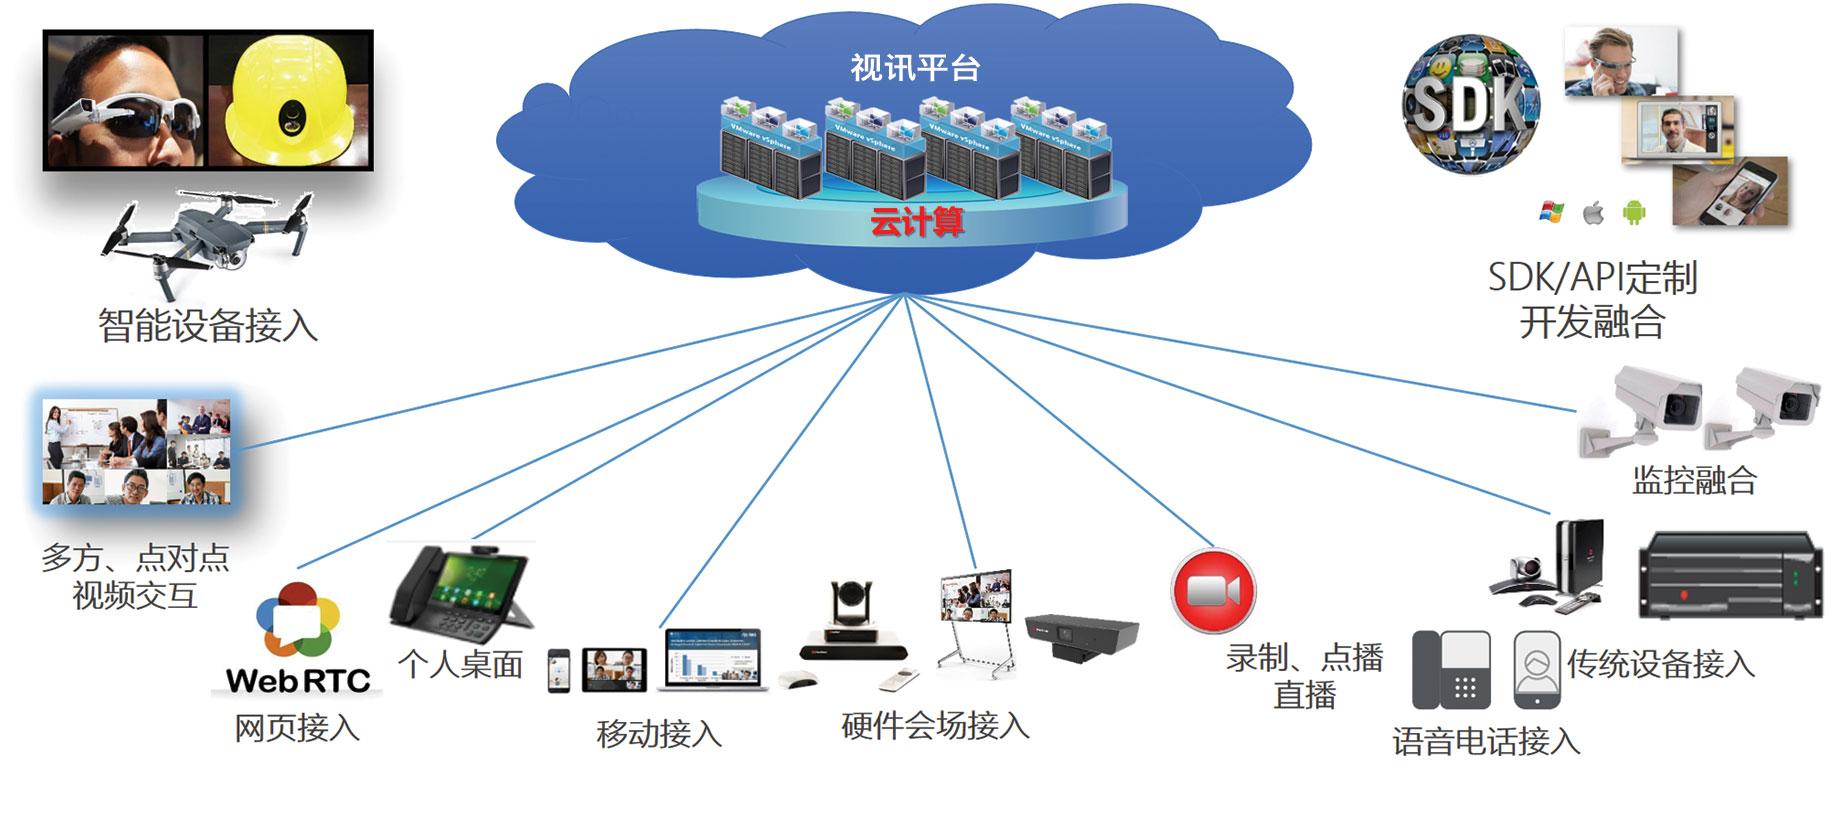 融合视频会议系统架构.jpg